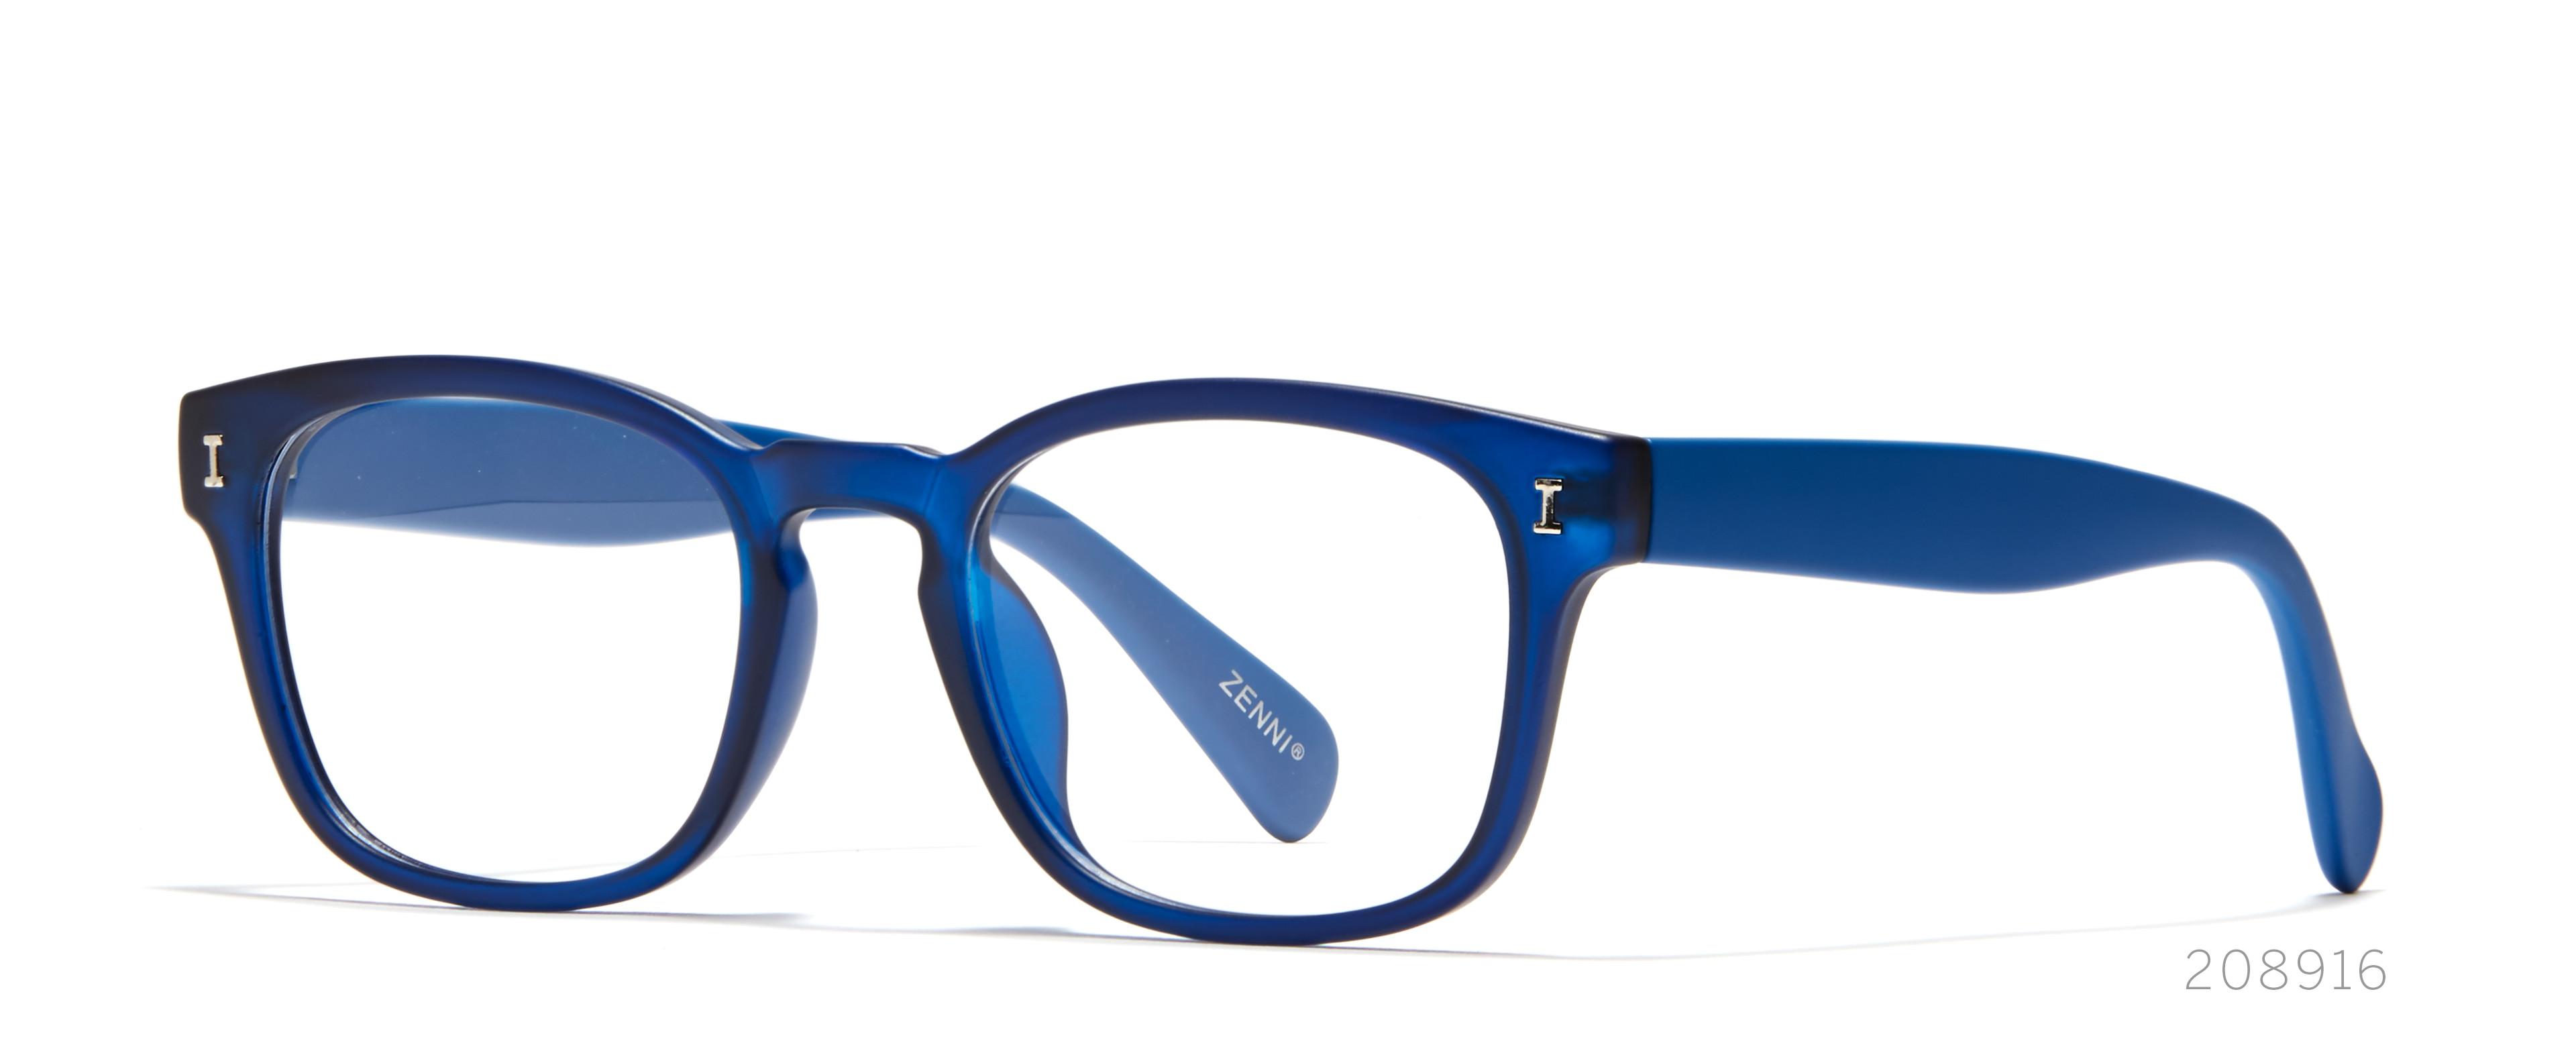 square glasses ova face